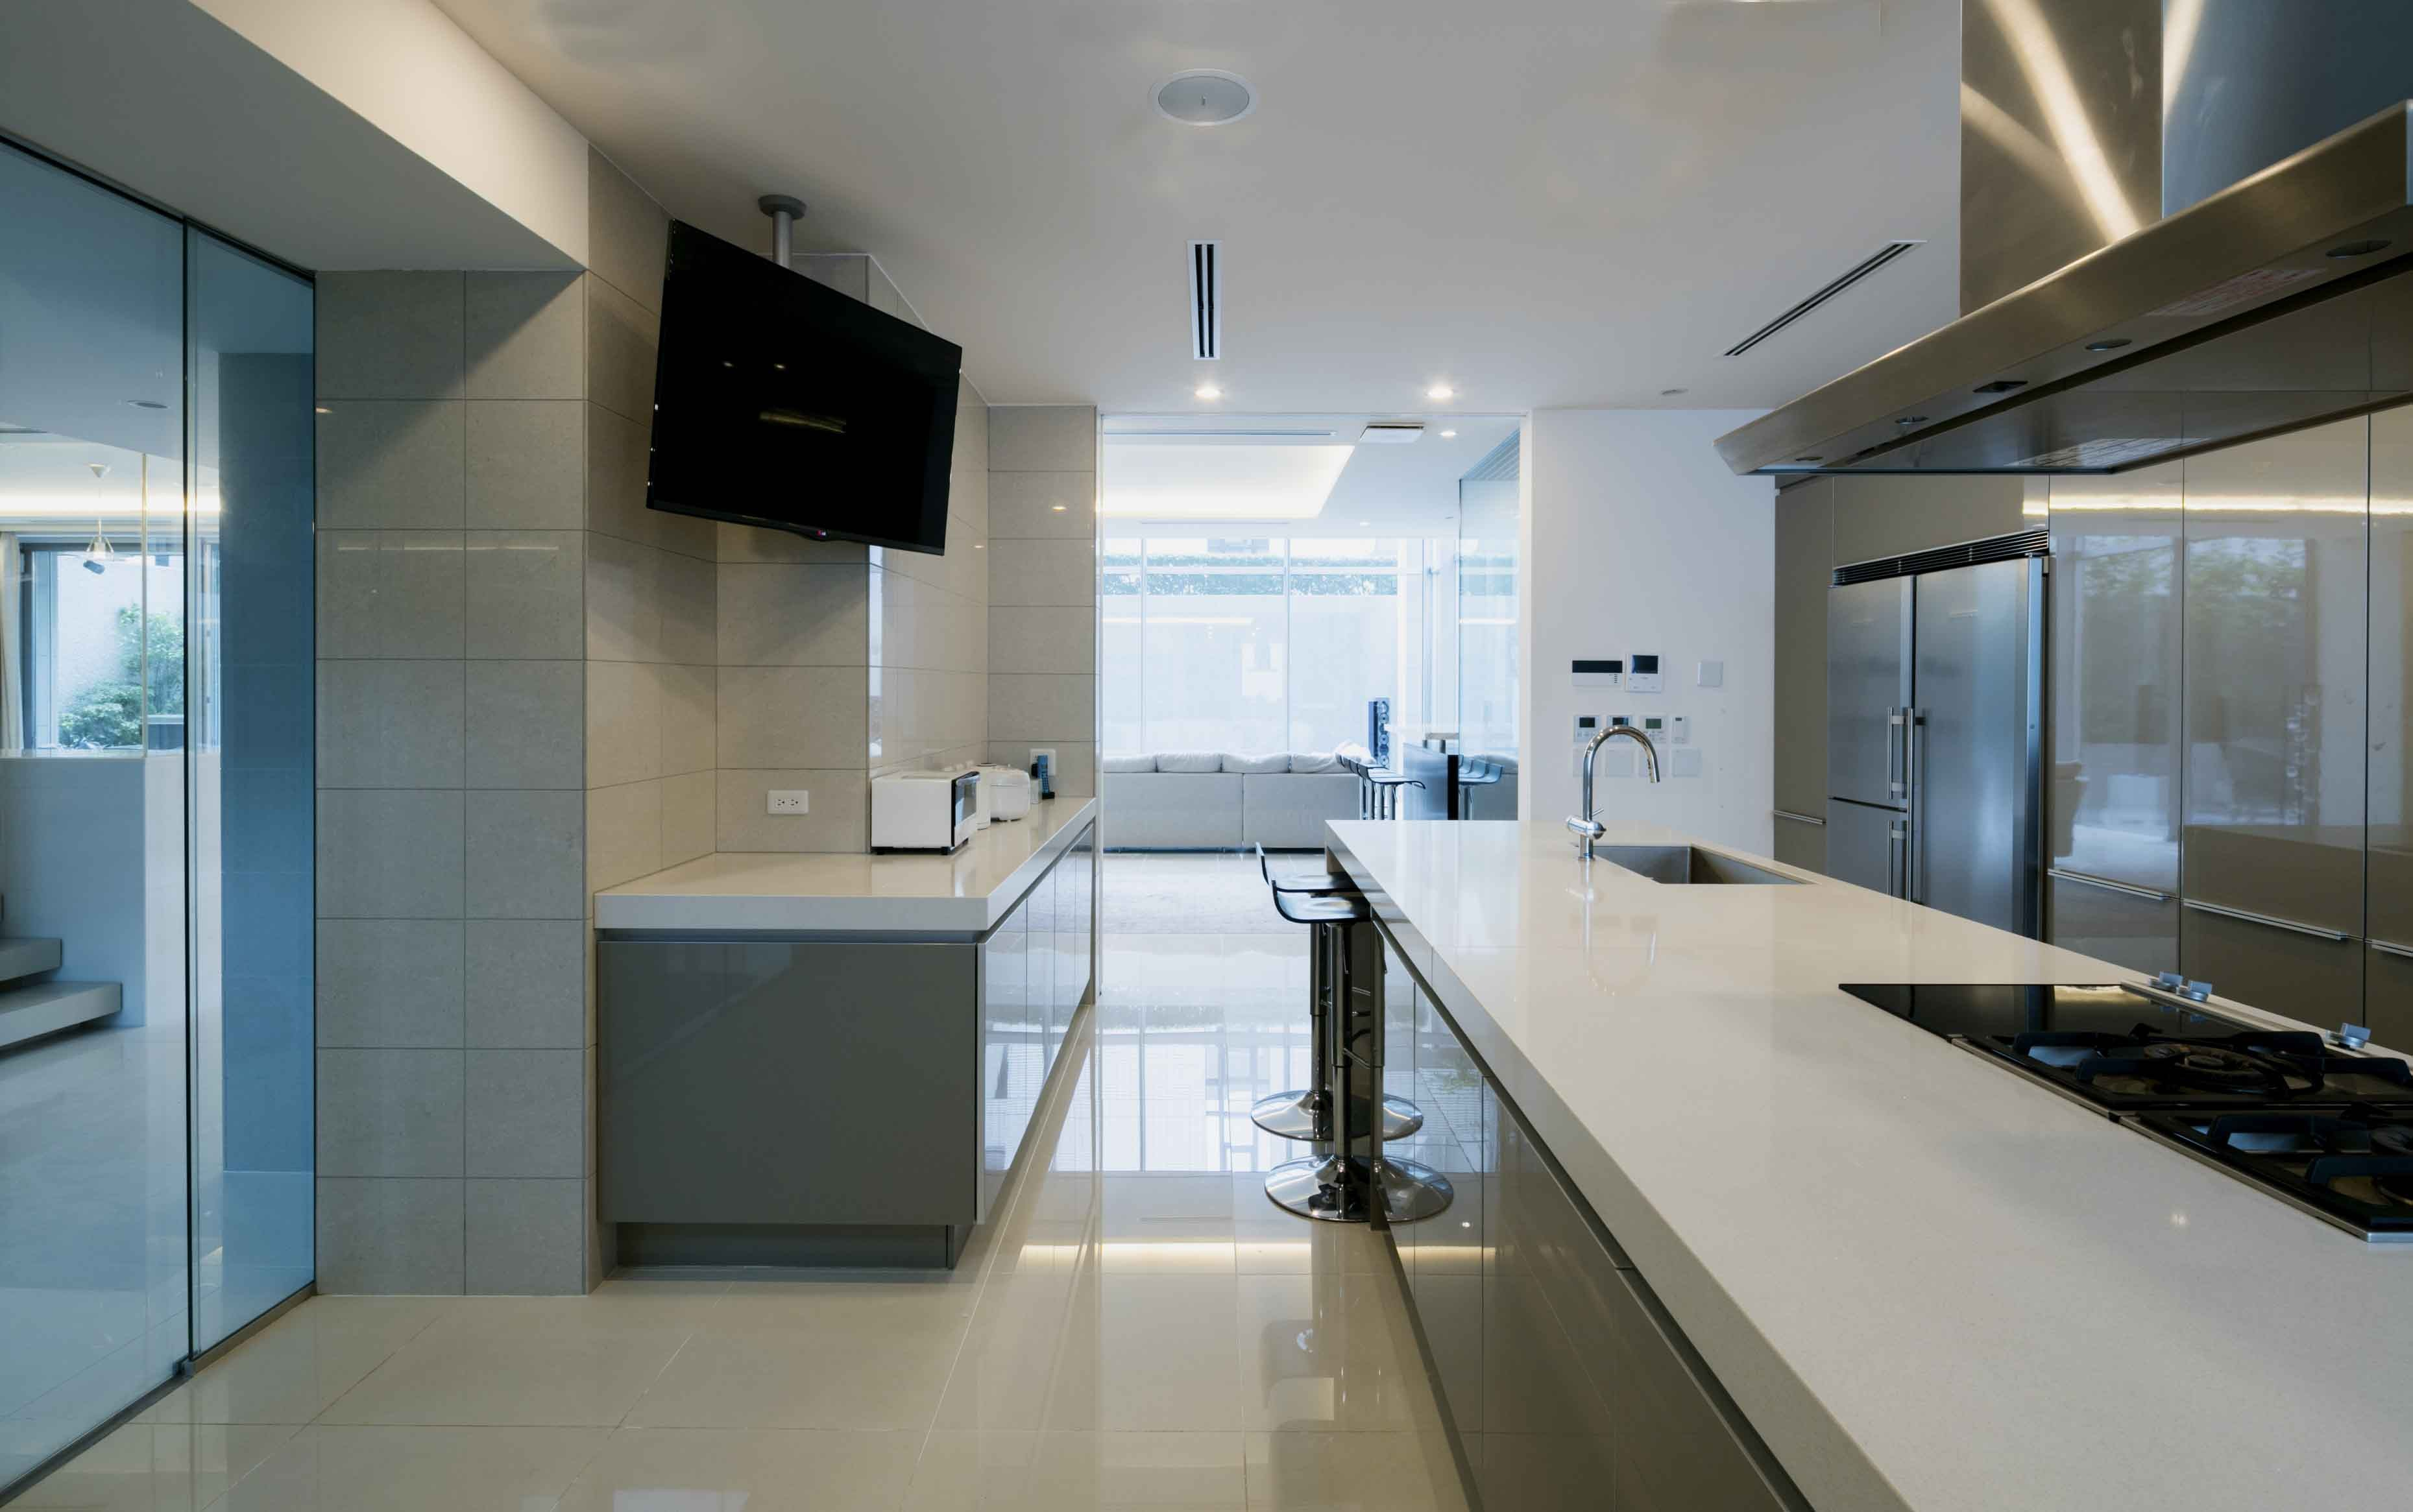 キッチン事例:キッチンからバーコーナーを右手にリビング方向を望む(高輪台の家、こだわりの施主と作り上げたバーカウンターのある大型住まい)